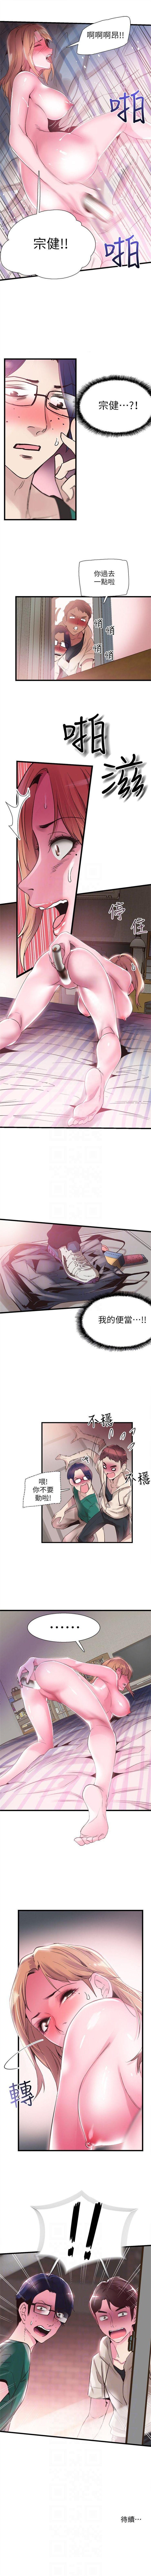 (週7)校園live秀 1-50 中文翻譯(更新中) 91